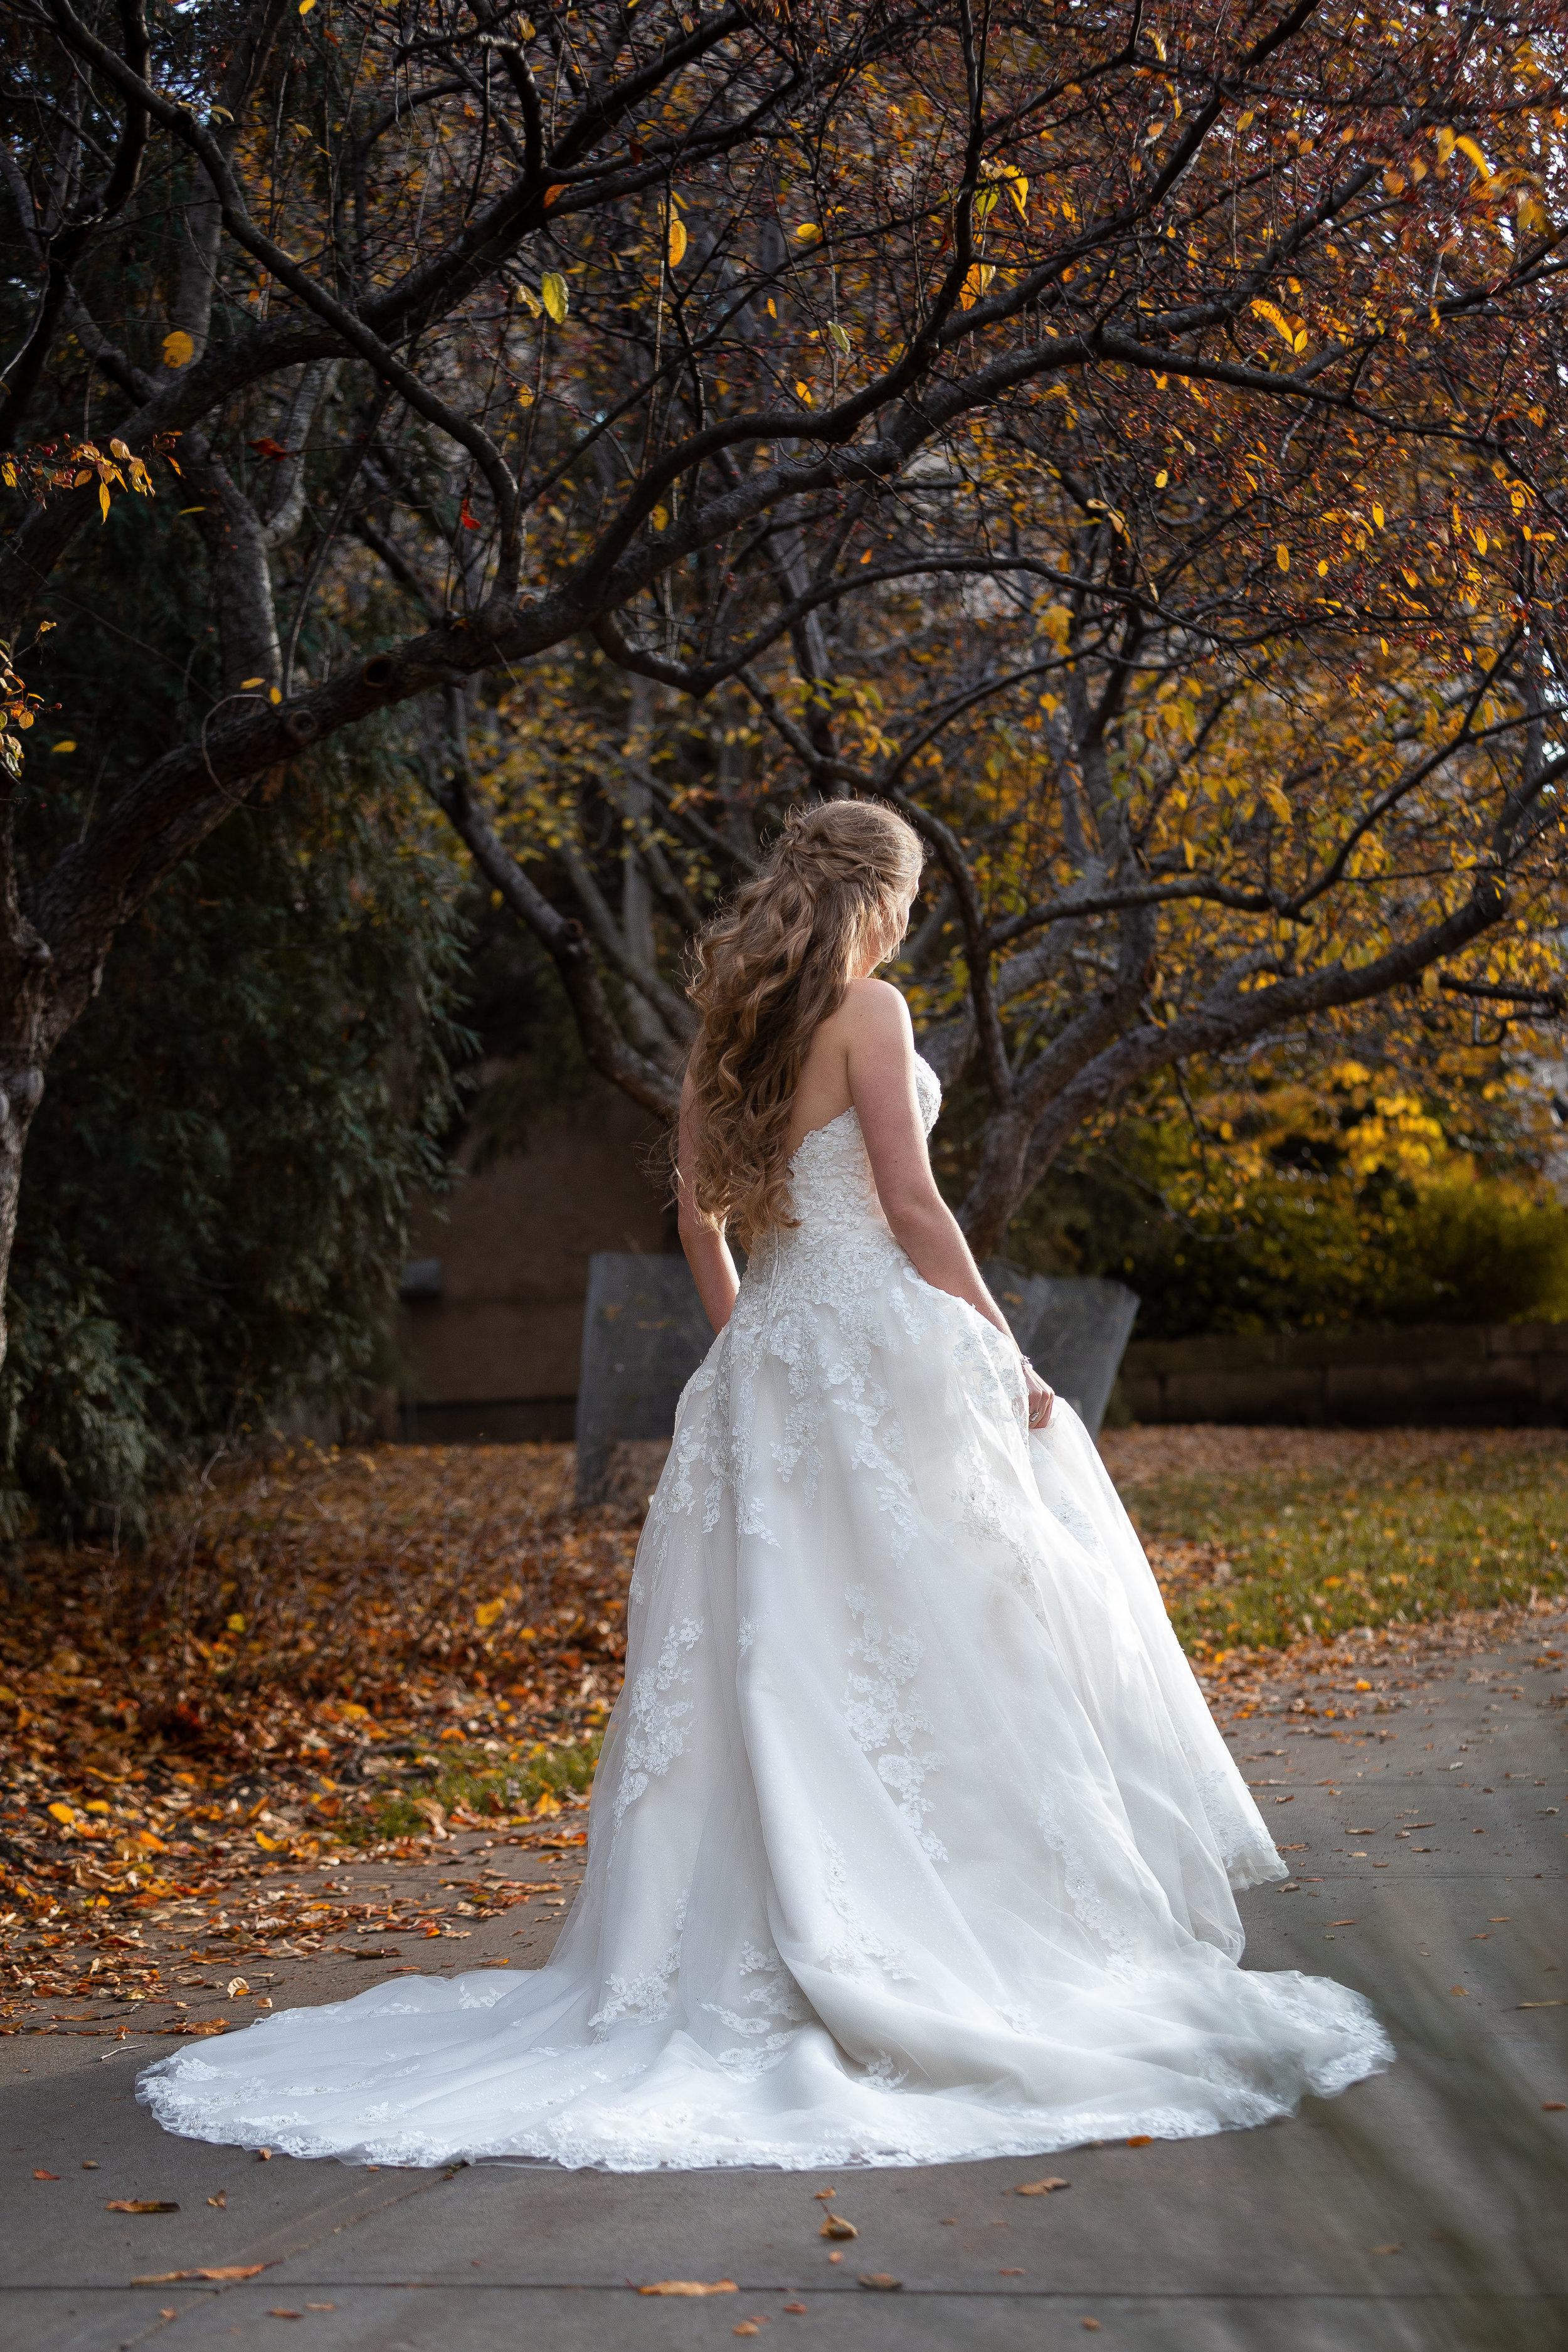 C_Wedding_Spellman, Megan & Tyler_10.27.18-1046.JPG